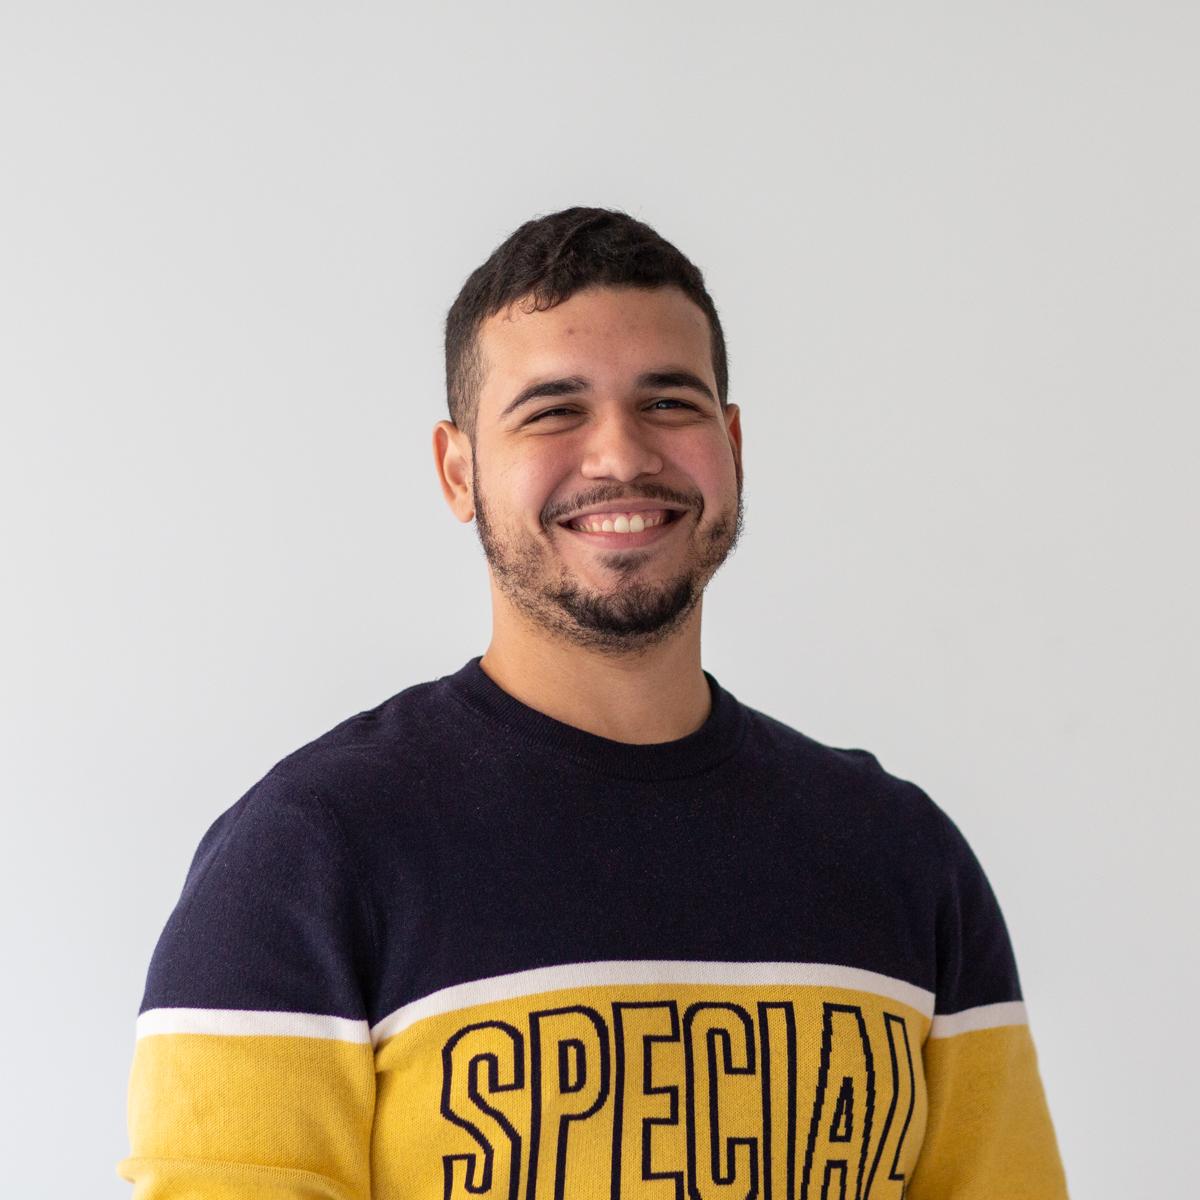 Jorge - Engineer at Sinequa